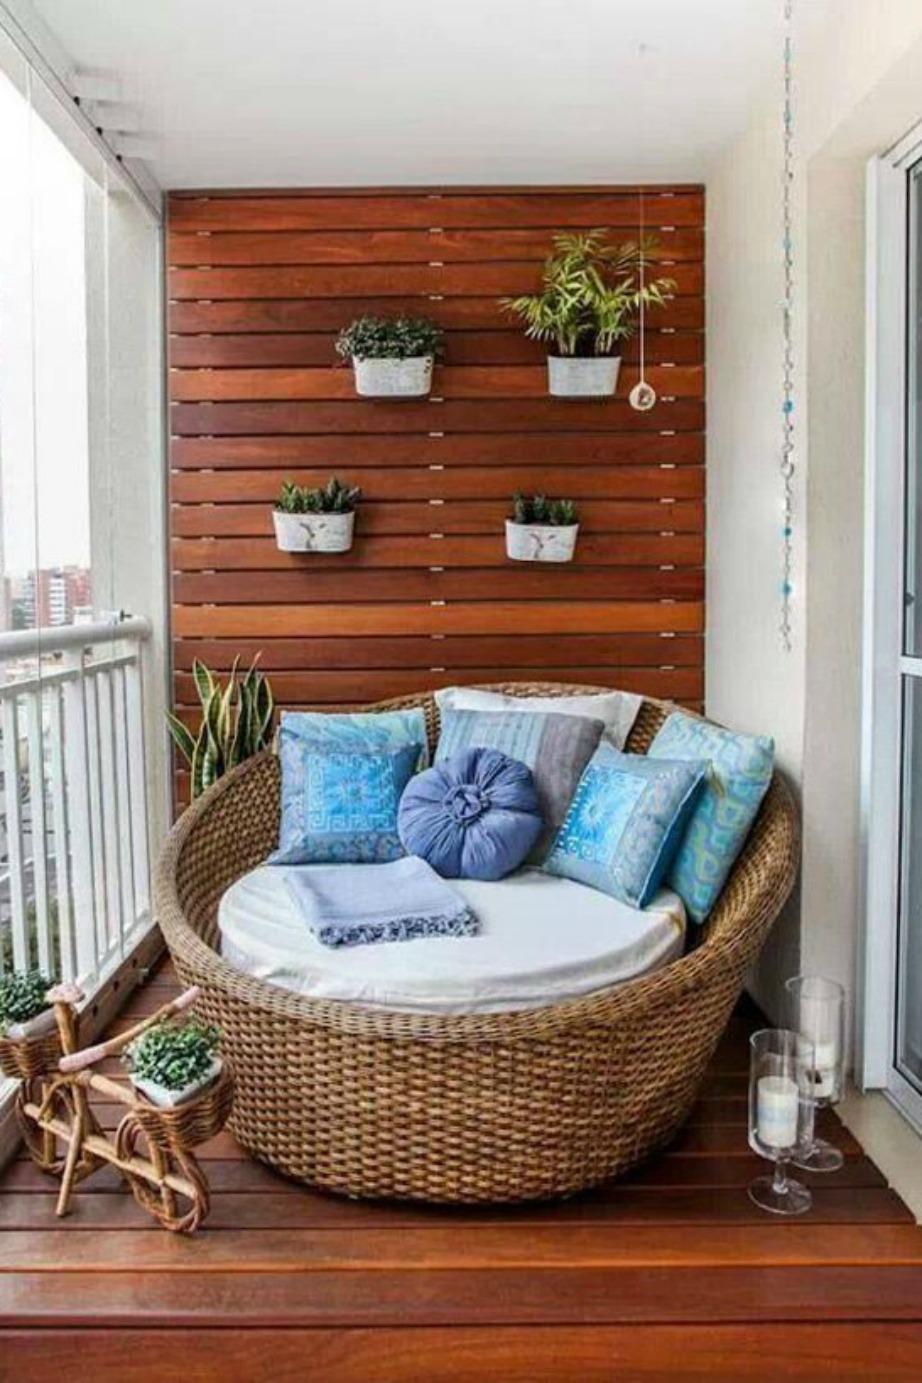 Ένας μεγάλος στρογγυλός καναπές γεμίζει τον χώρο και του δίνει στιλ.